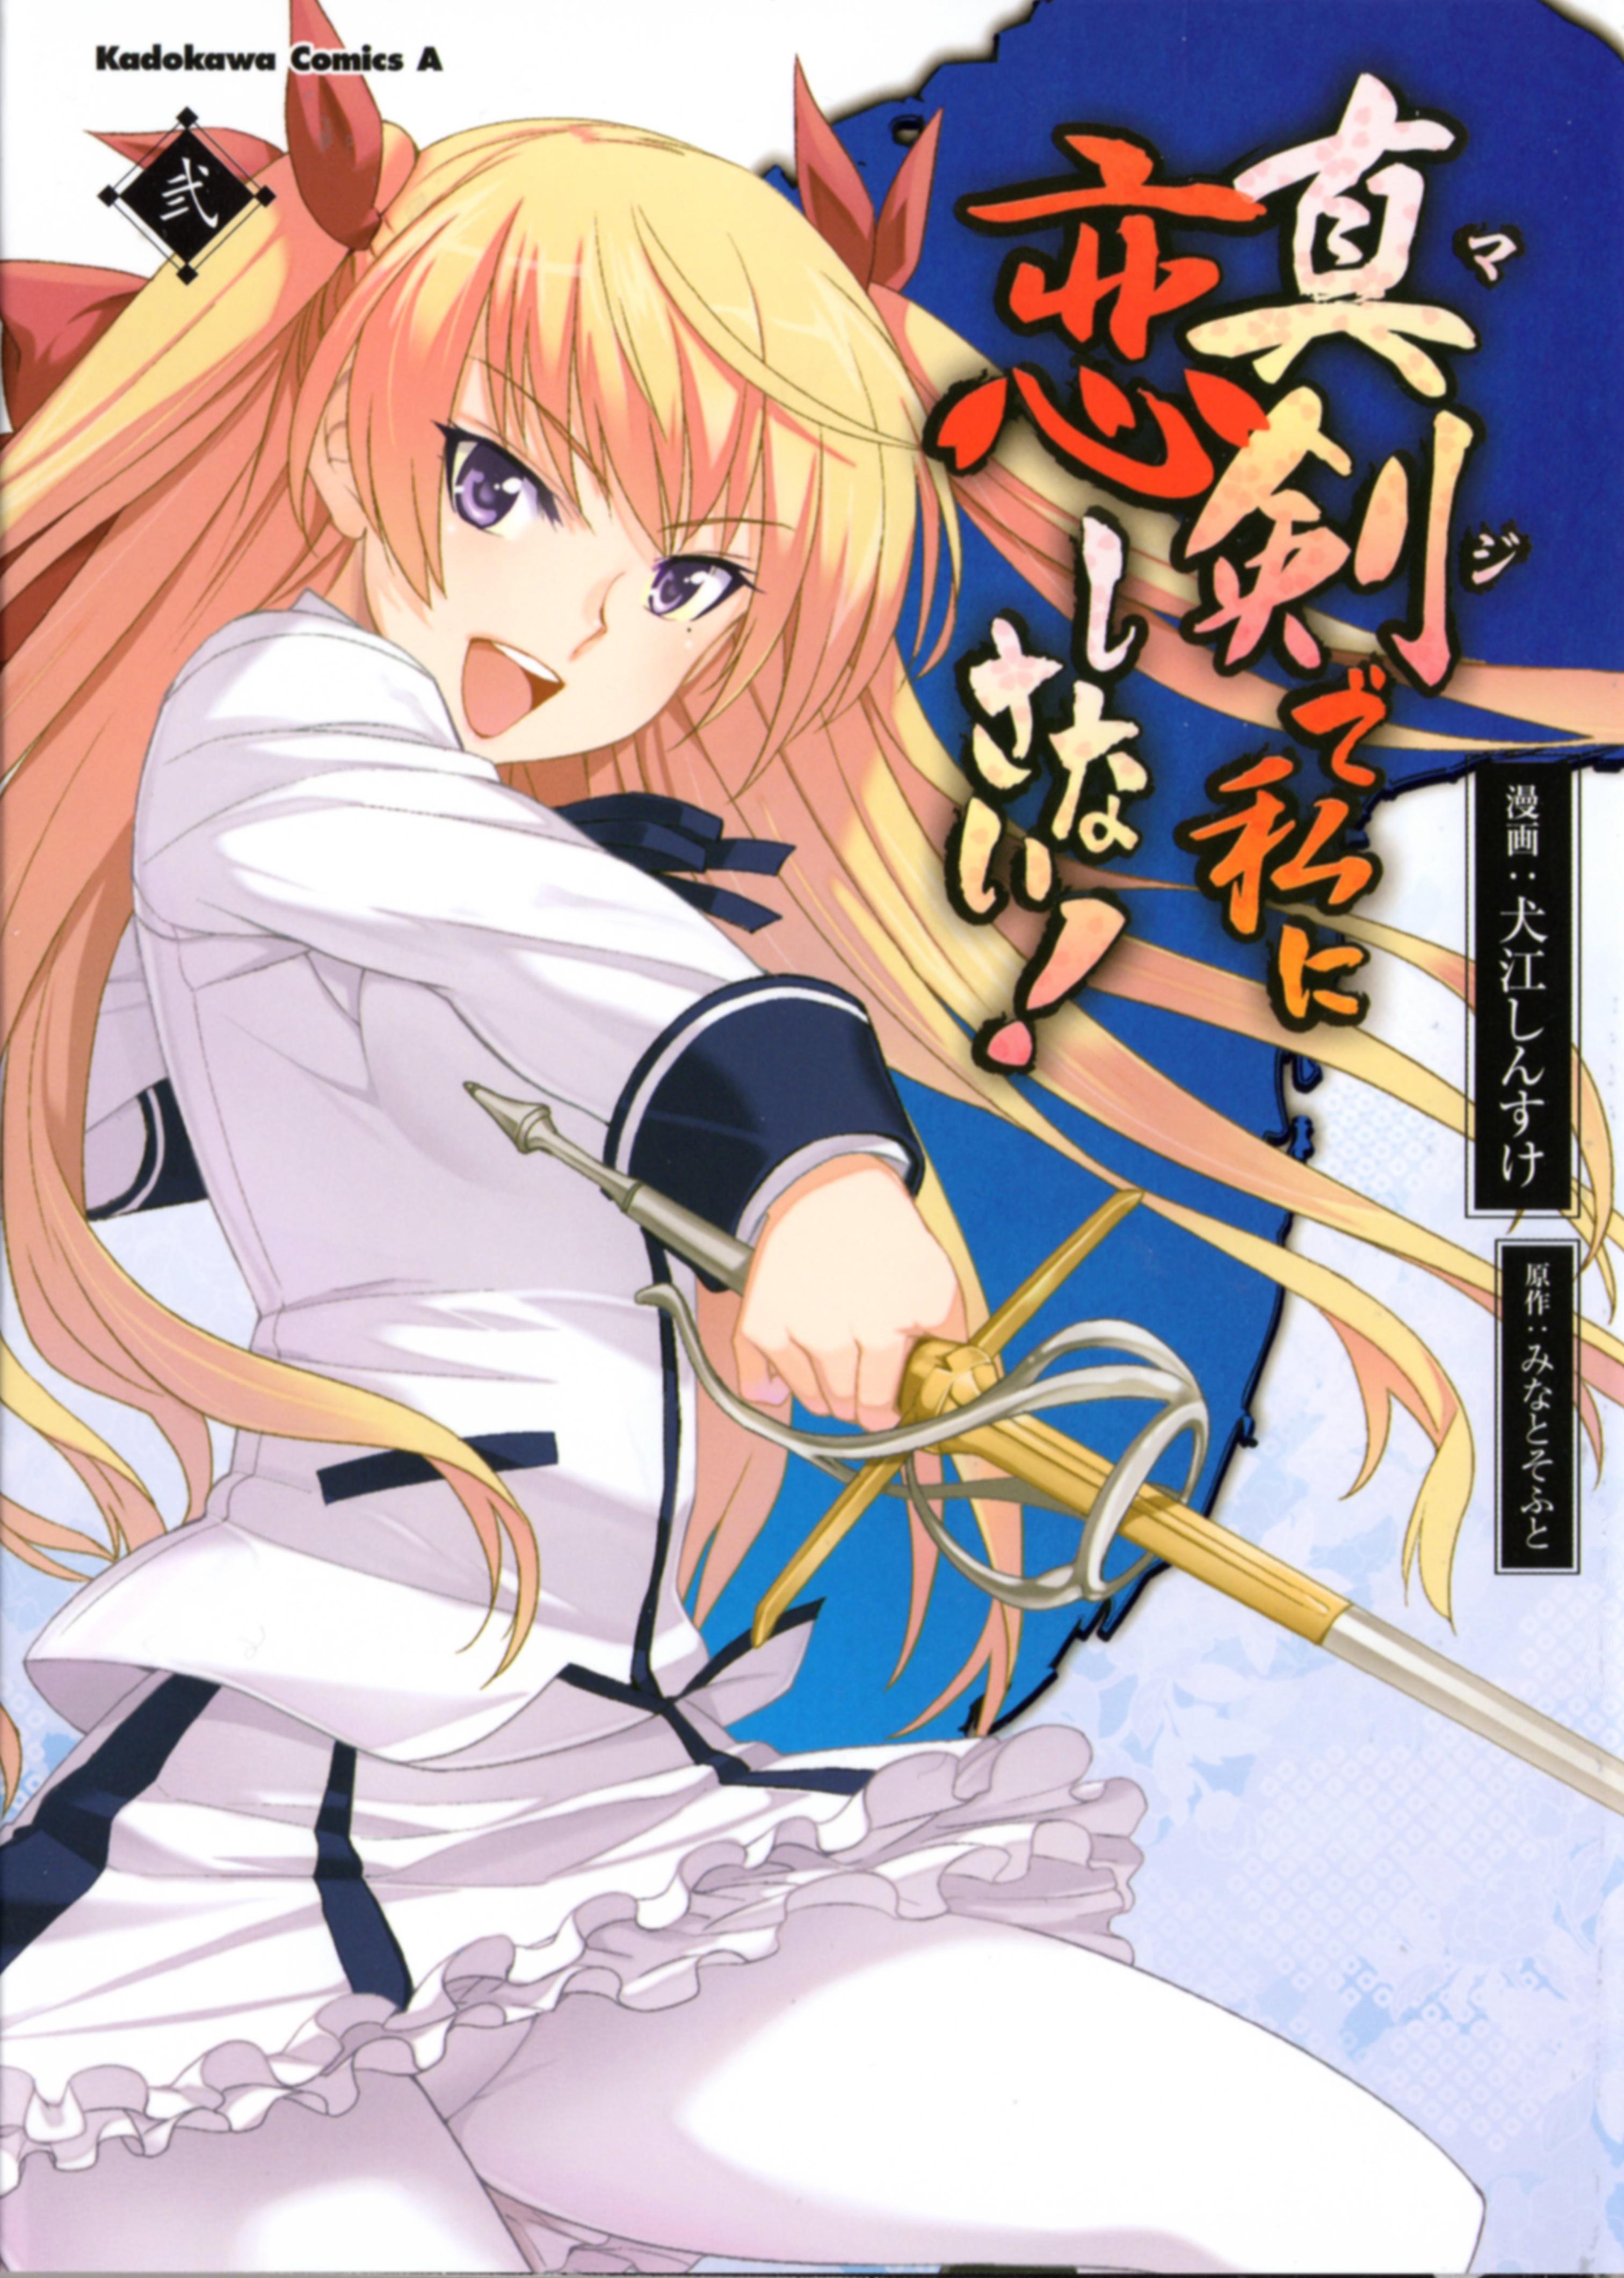 ni shinasai koi anime de Maji watashi